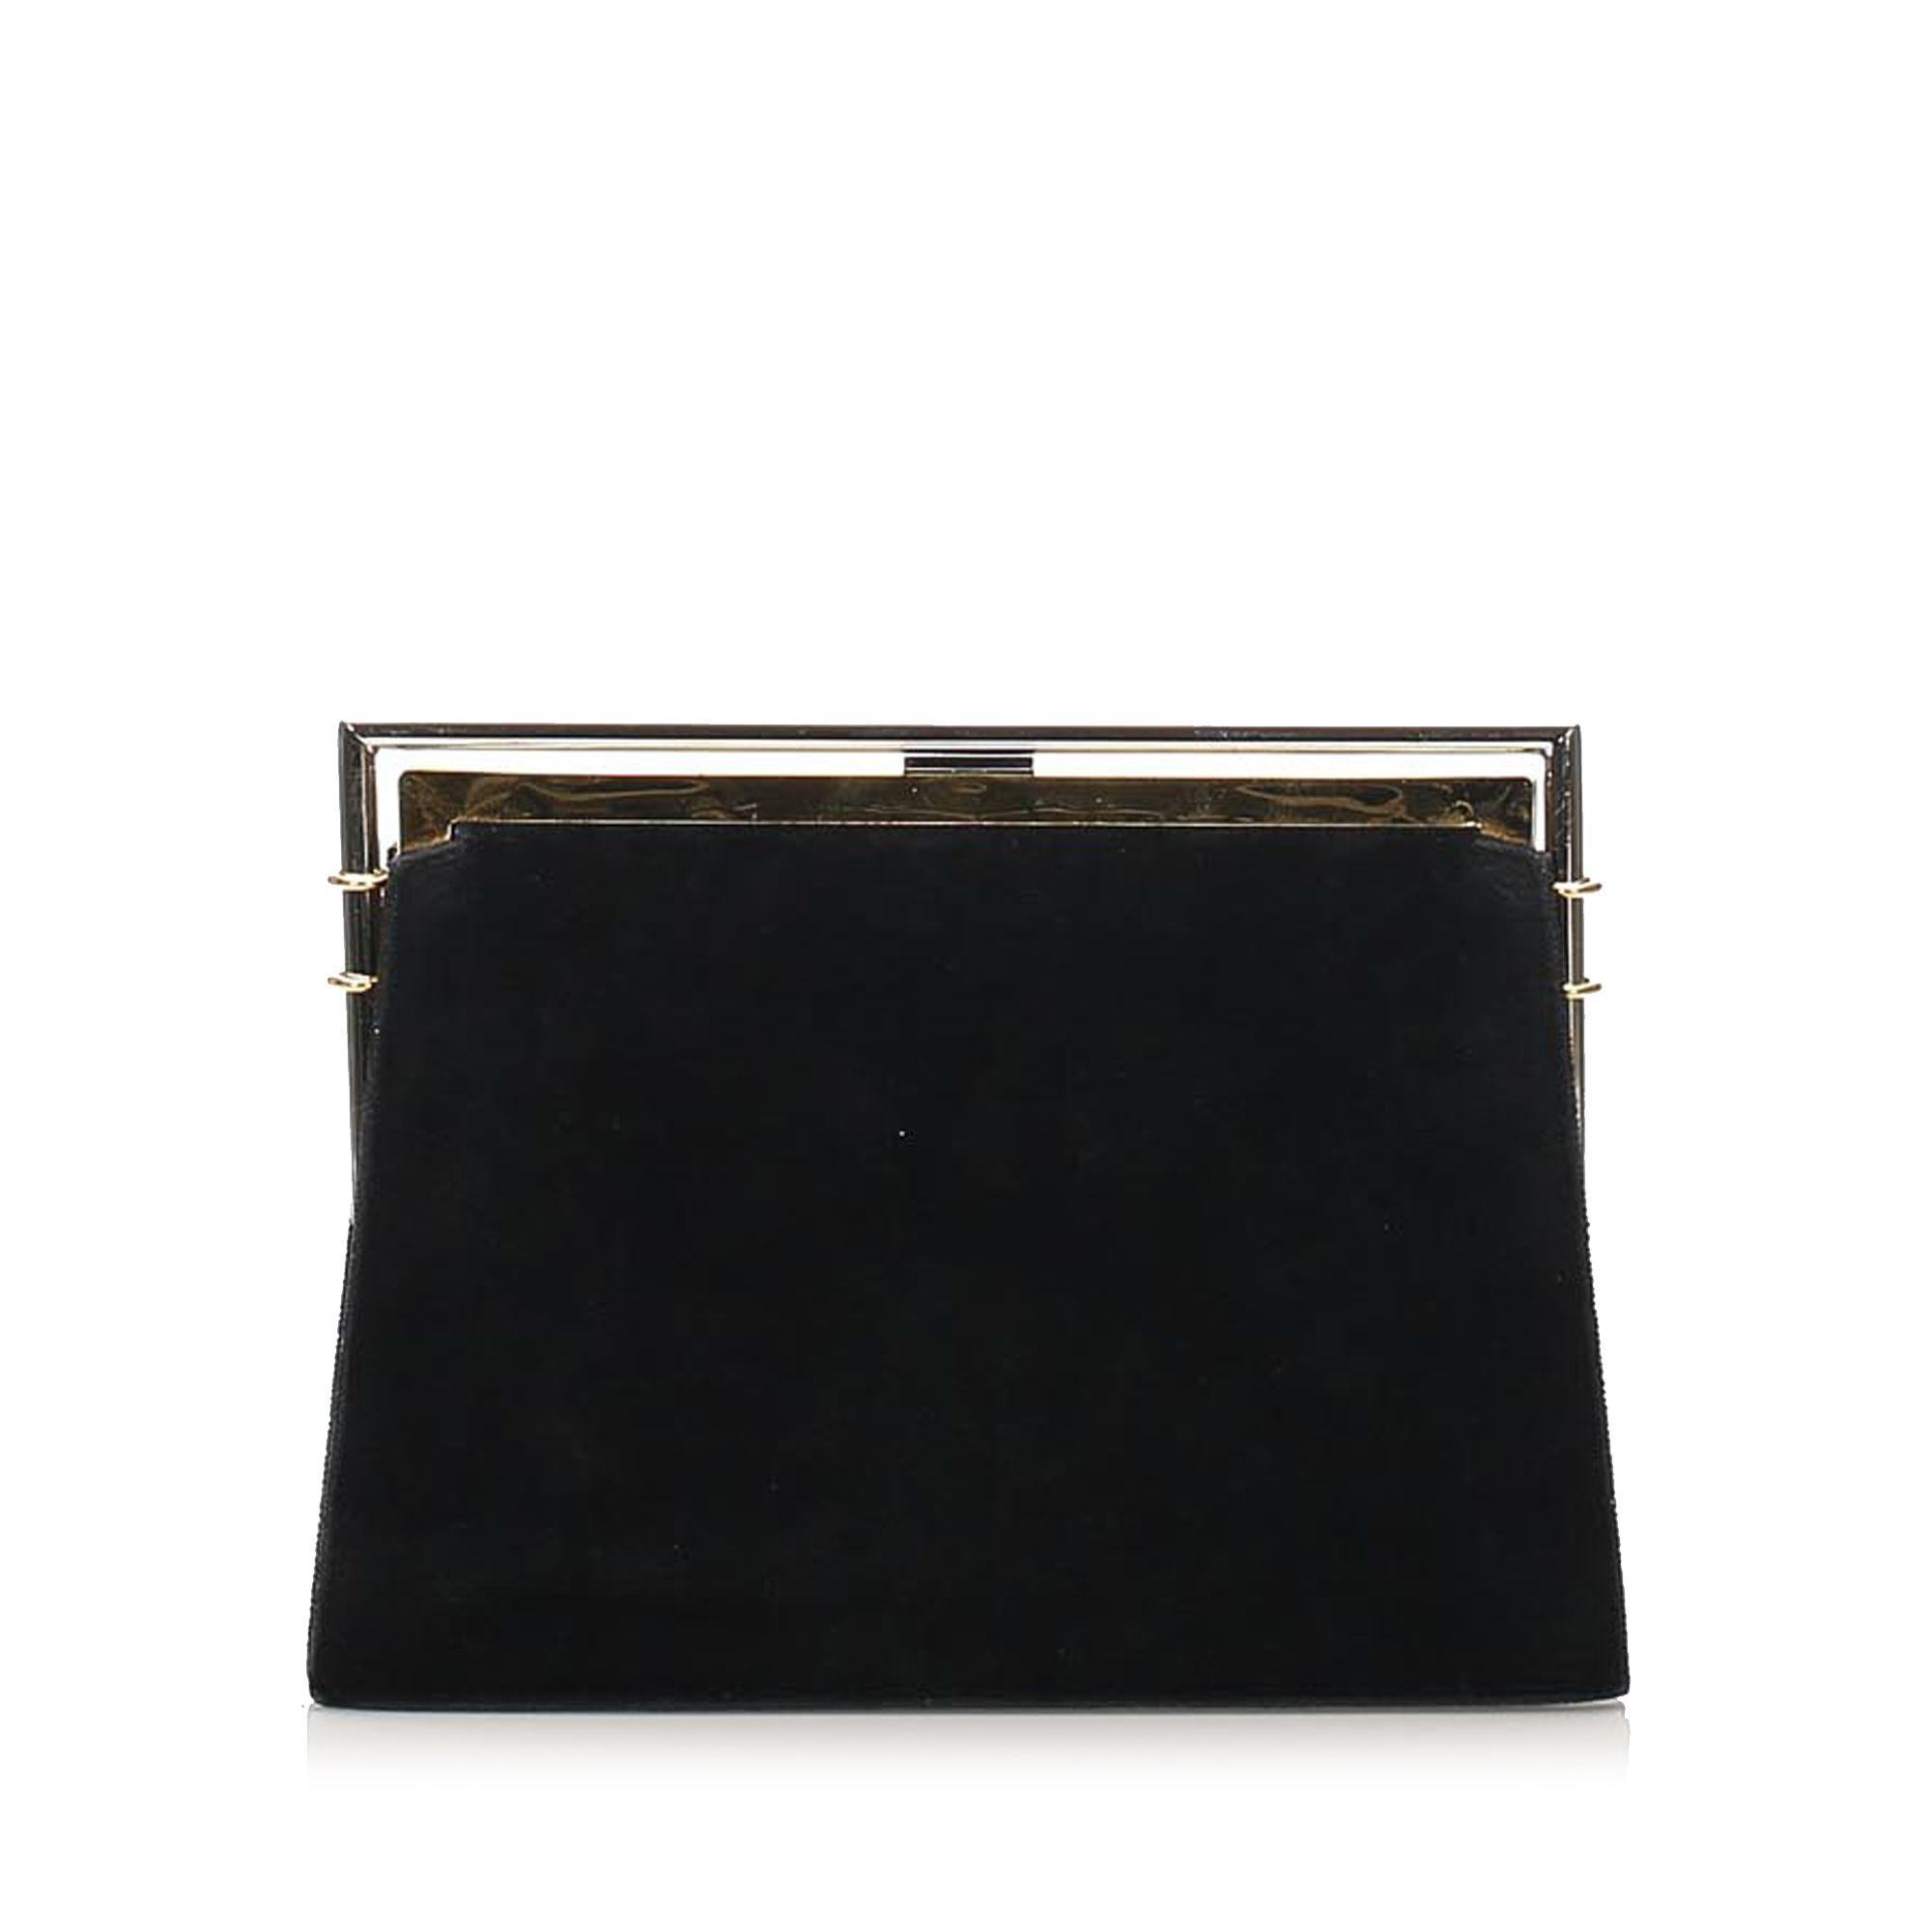 Vintage Fendi Leather Clutch Bag Black